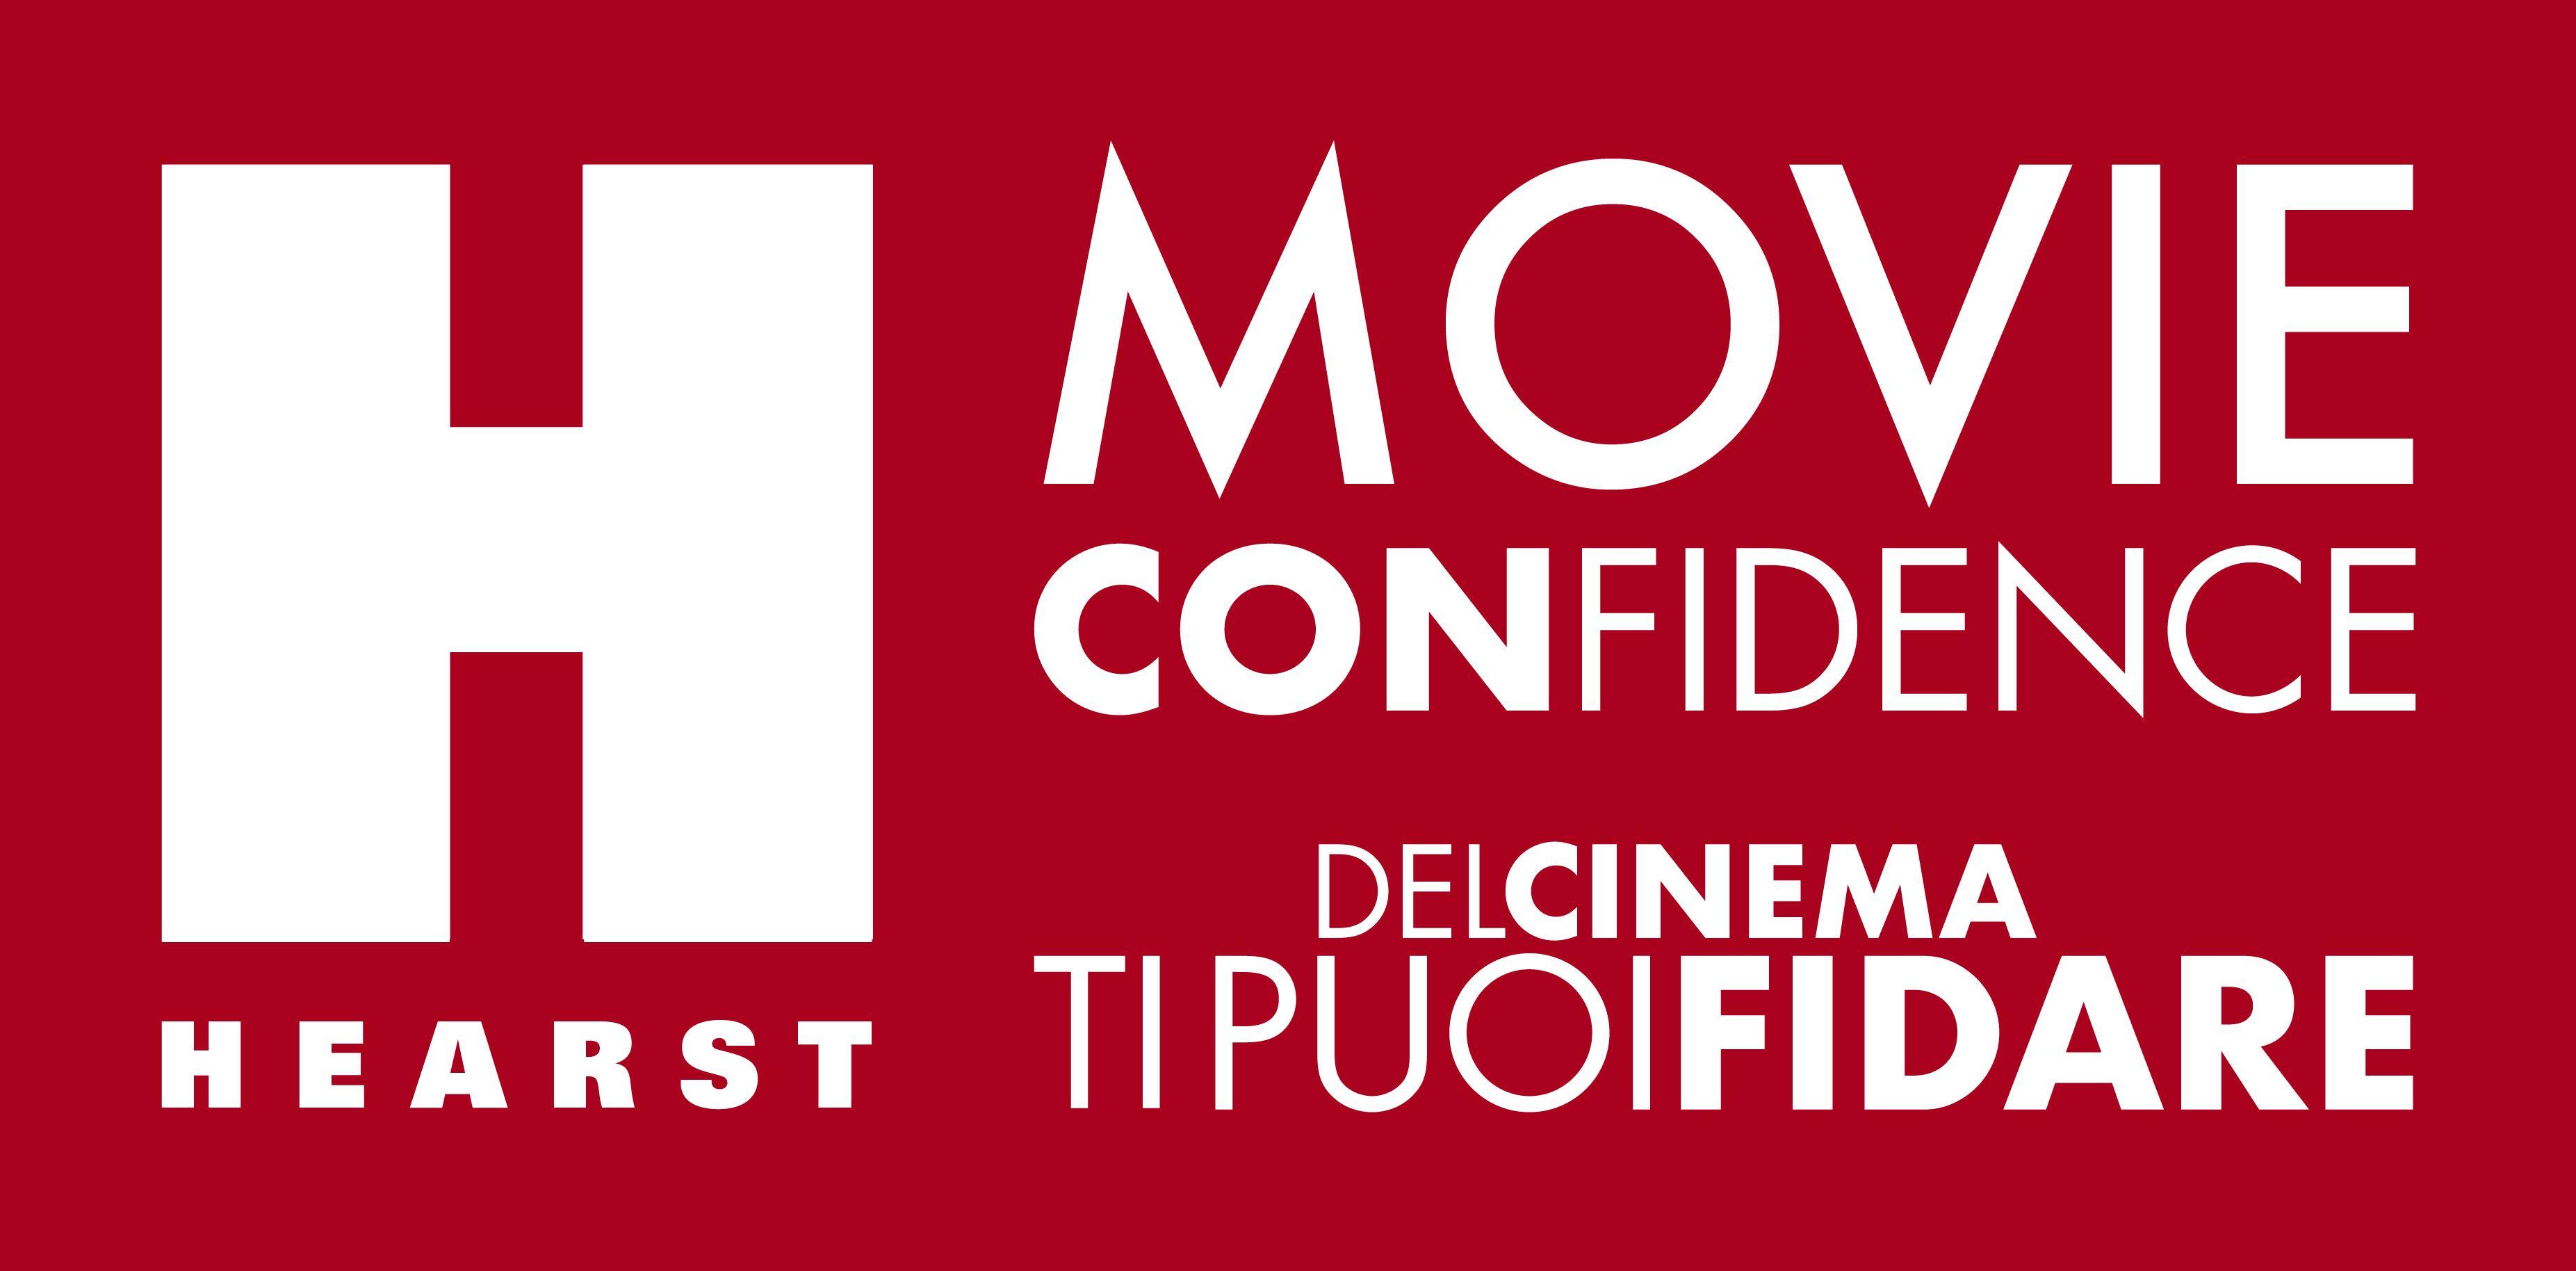 Ottimismo, qualita', professionalita': il primo webinar Hearst Movie Confidence guarda al cinema del post lockdown